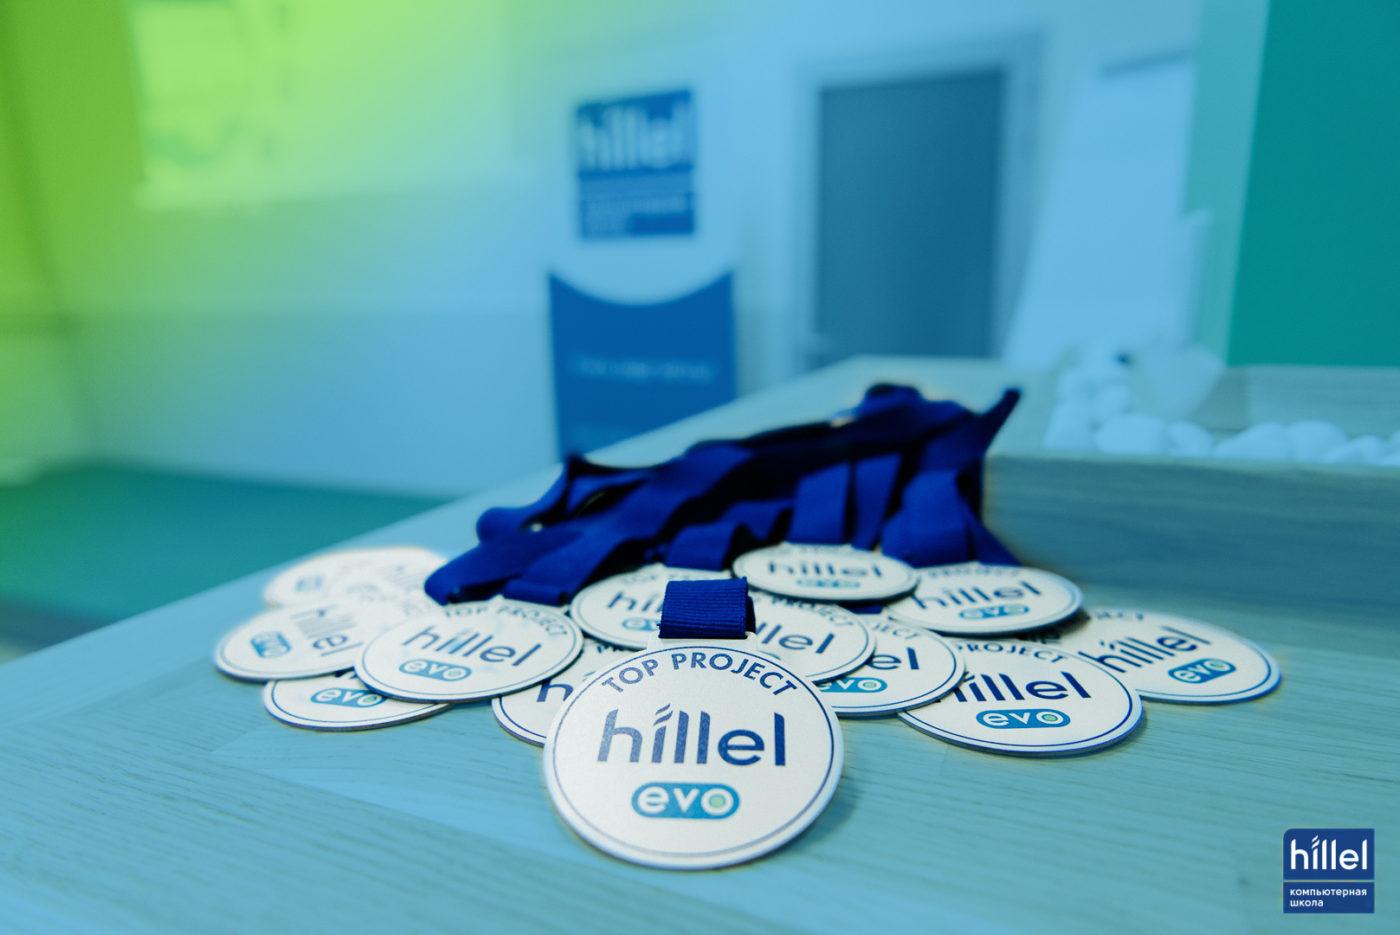 Мероприятия: Приглашаем на презентацию рабочих прототипов четвертого цикла программы Hillel Evo в Одессе